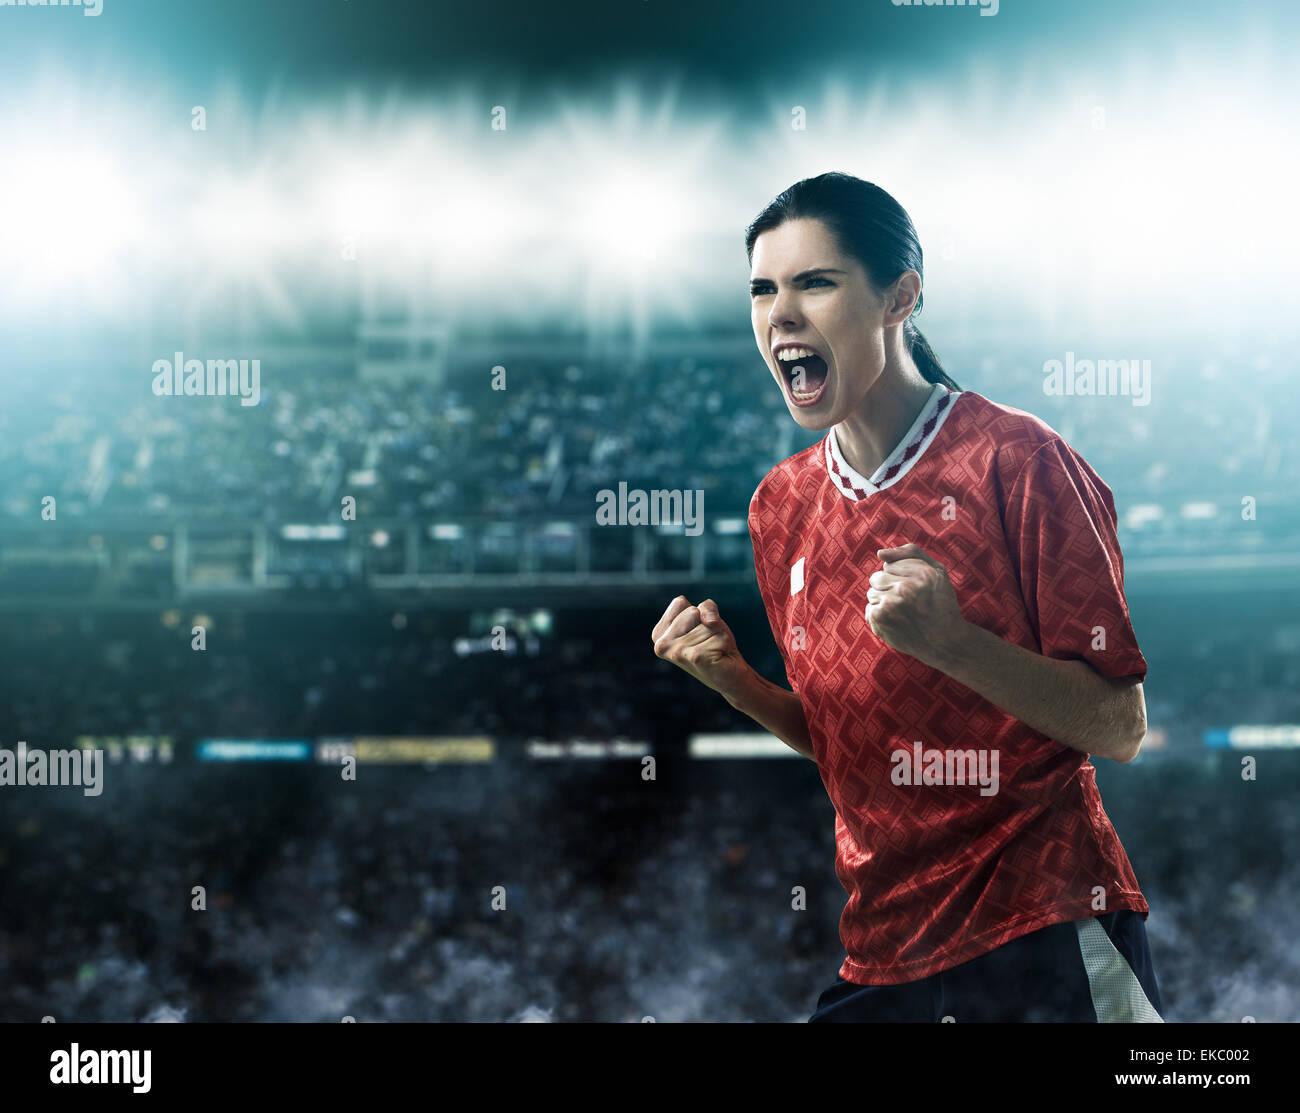 El futbolista celebrando gol Imagen De Stock